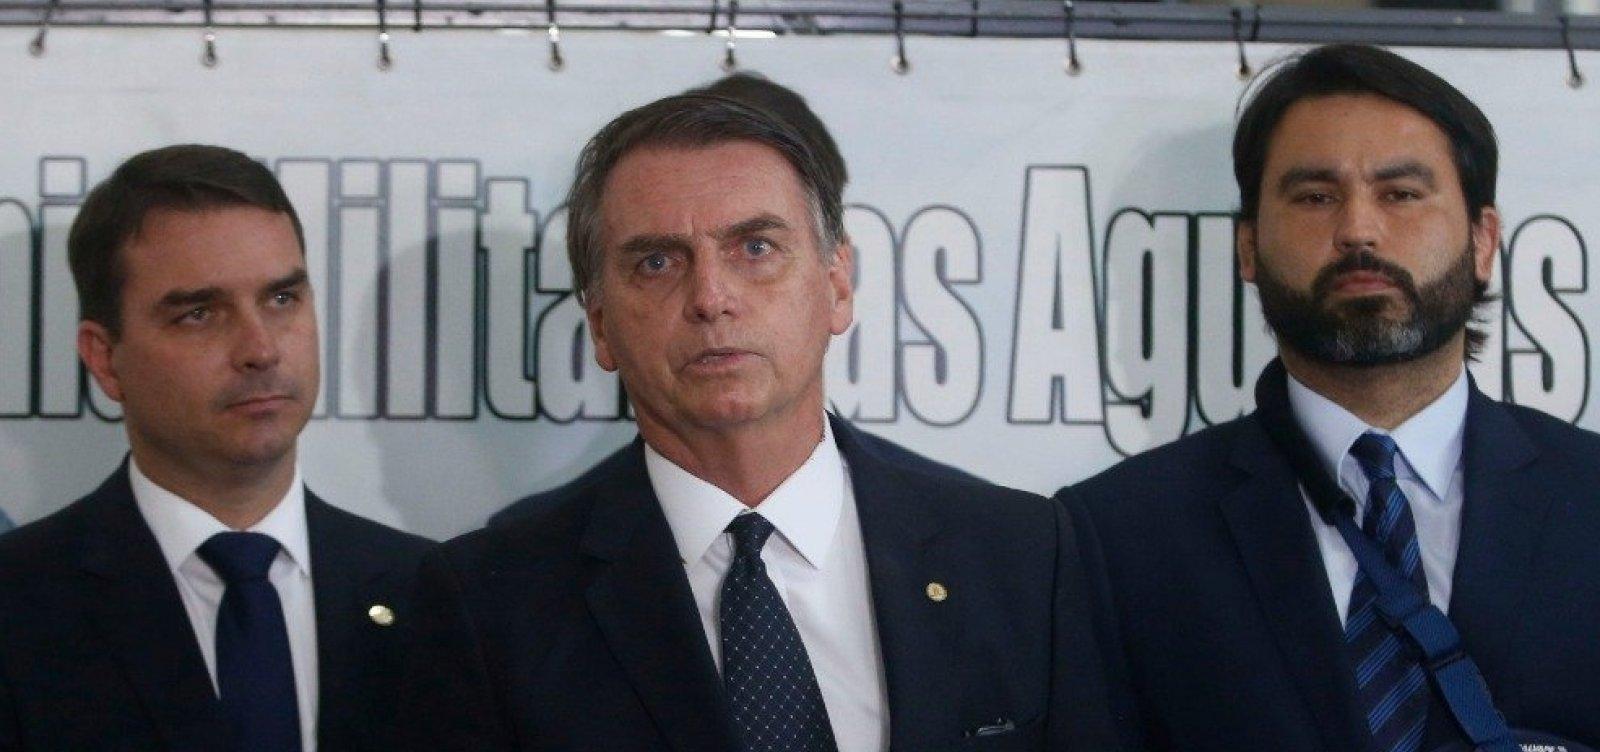 [Deputados do Nordeste cobram atenção de Bolsonaro]